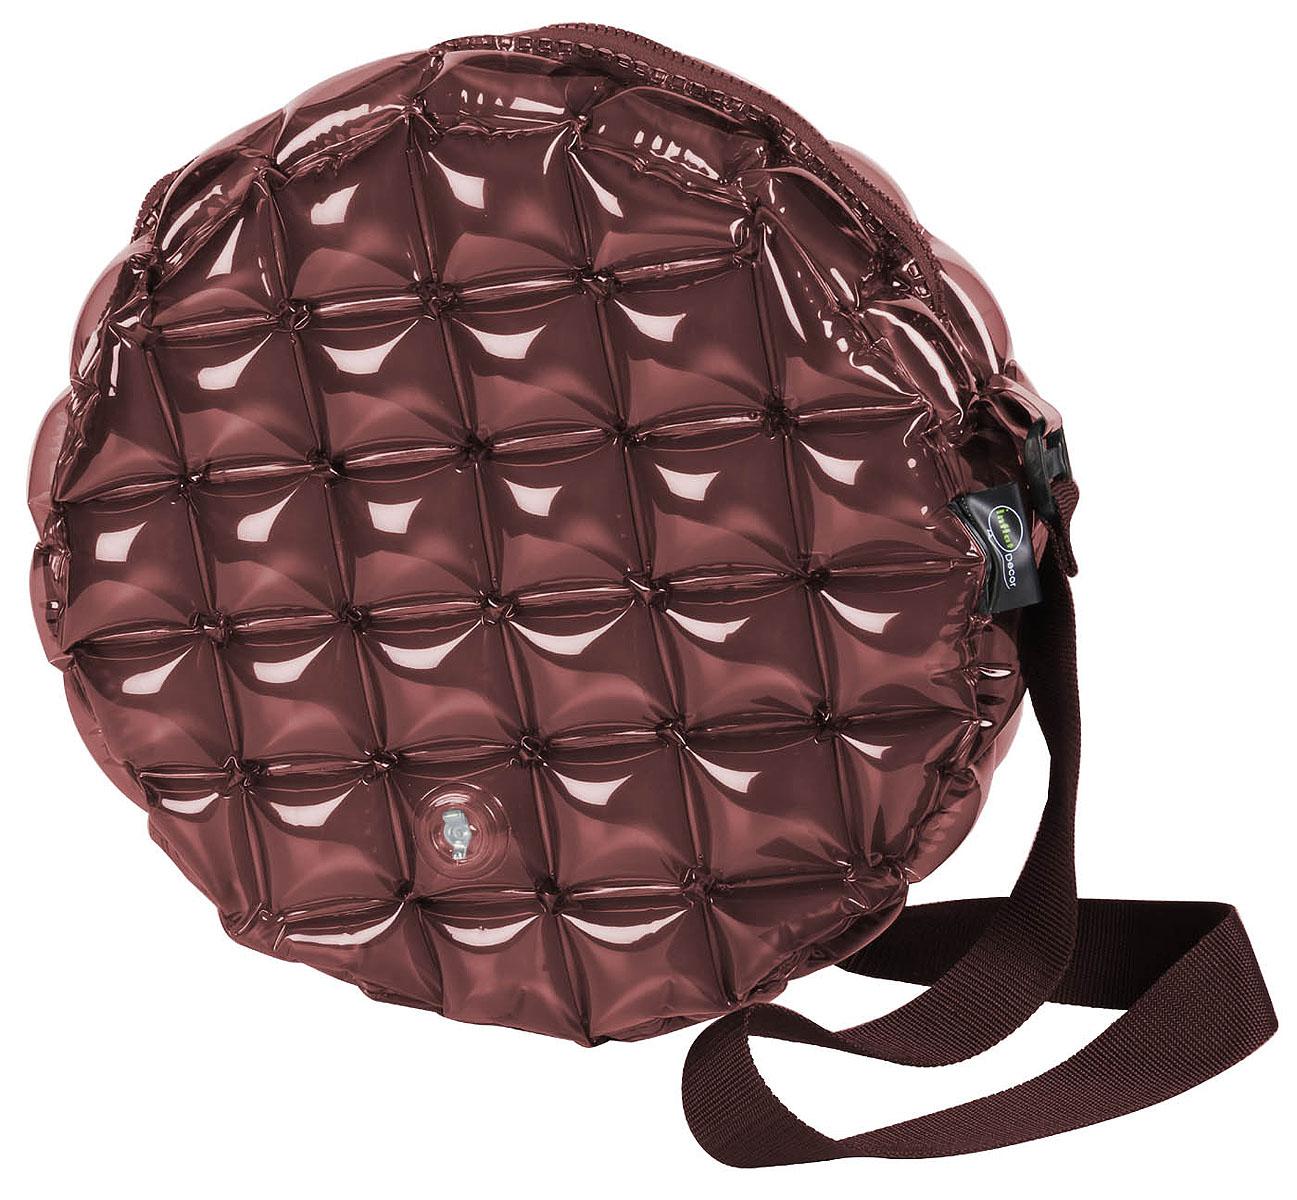 Сумка надувная Inflat Decor, цвет: шоколадный. 01210121 ChocolateЯркая надувная сумка - великолепный аксессуар на лето! Сумка круглой формы выполнена из ПВХ и снабжена ручкой из полиэстера. Модель закрывается на застежку-молнию. Сумка легко надувается при помощи мини-насоса (входит в комплект) или рта. В сдутом виде сумка очень компактна и не займет много места. Надувная сумка - отличное решение для летней прогулки.